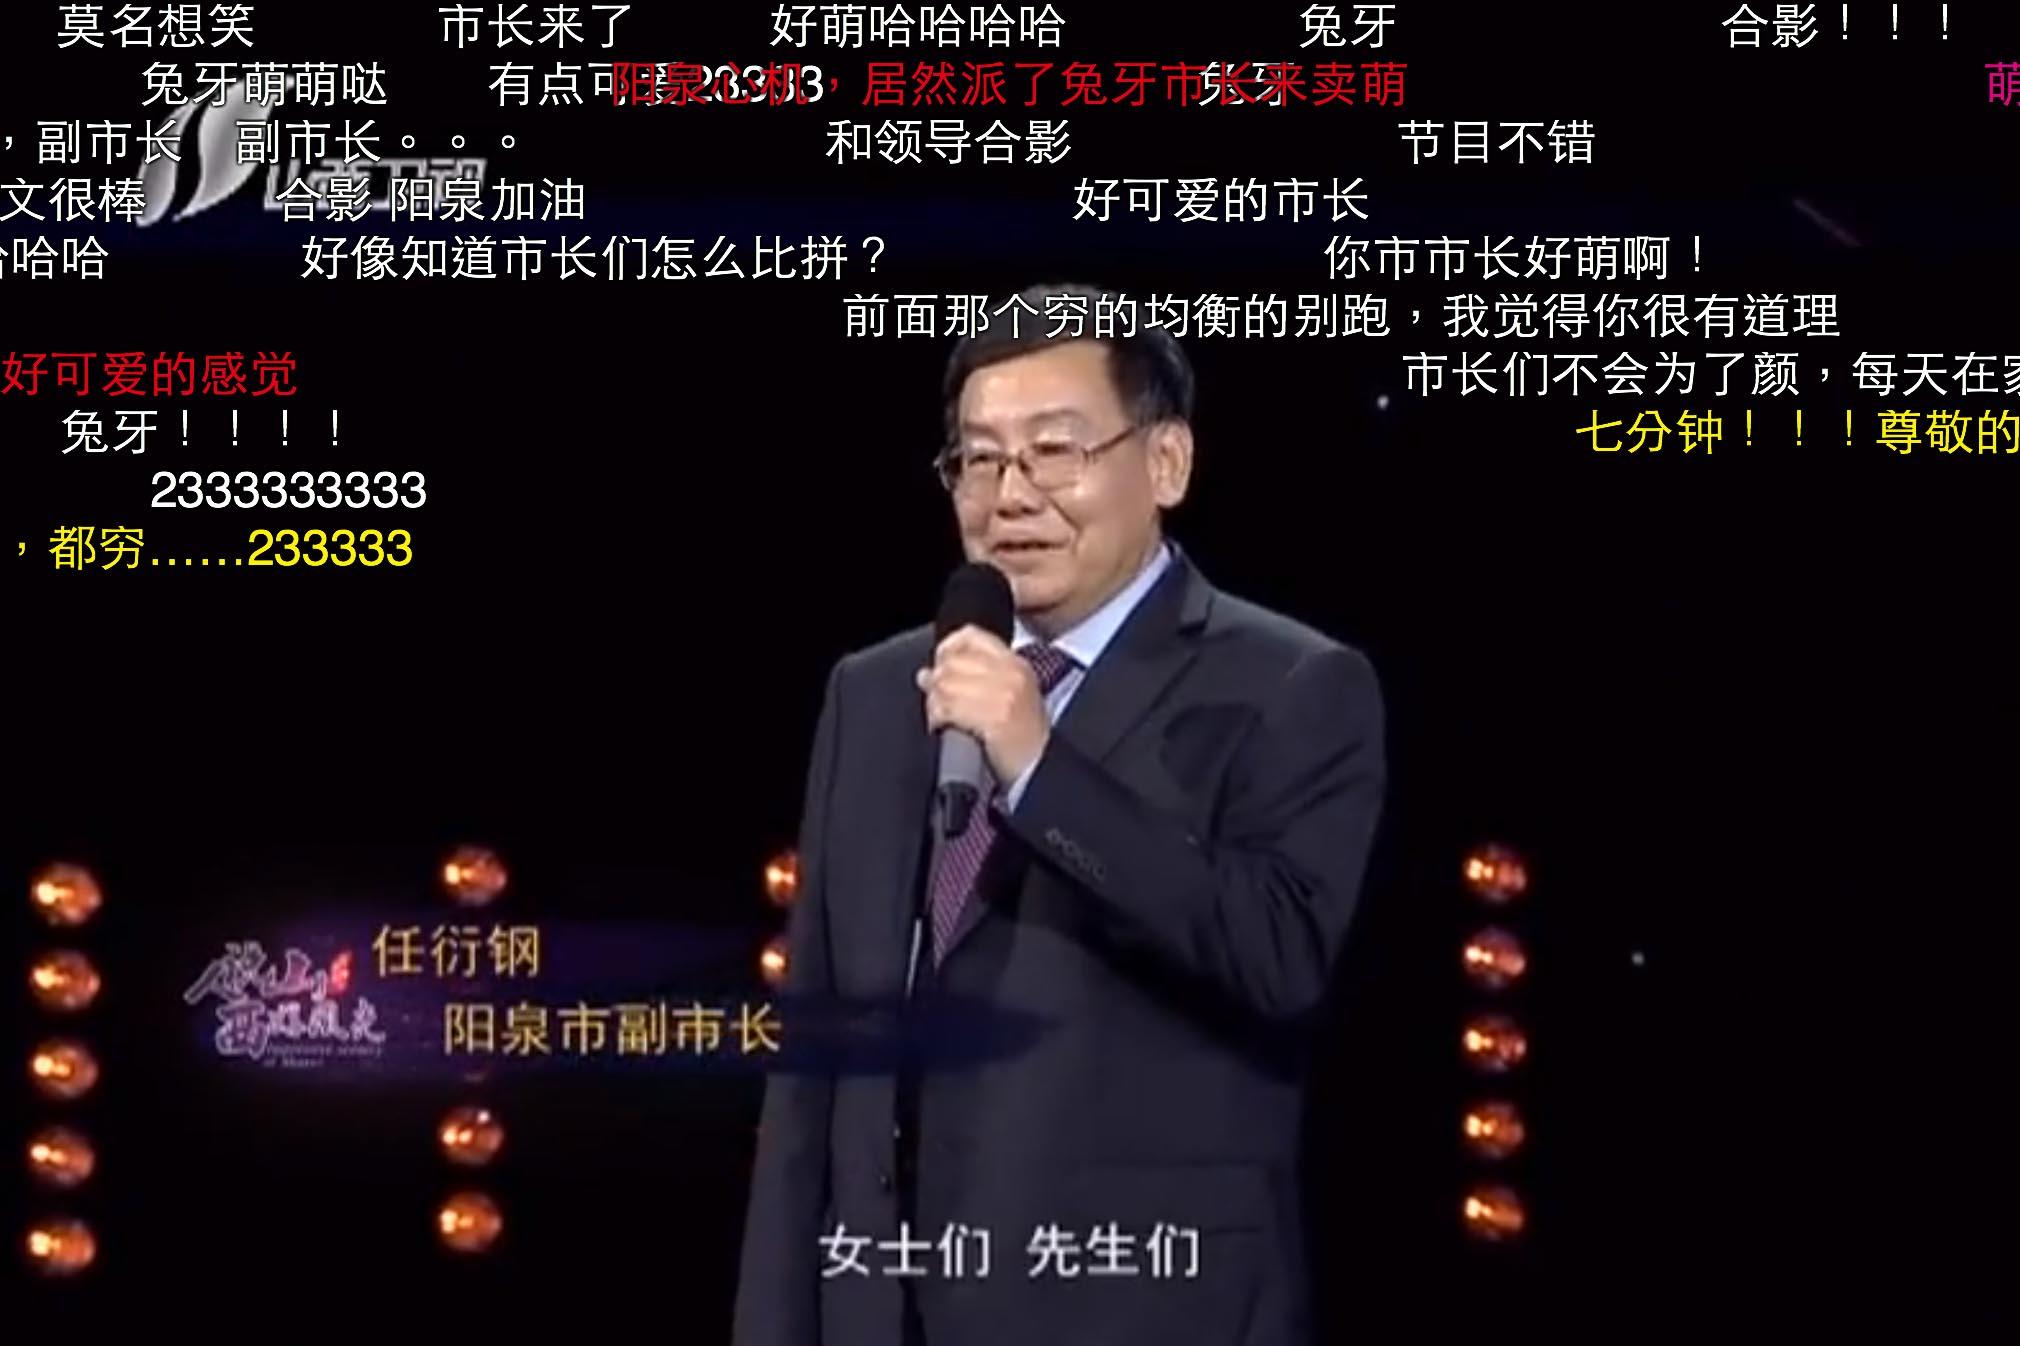 陽泉市副市長任衍鋼。